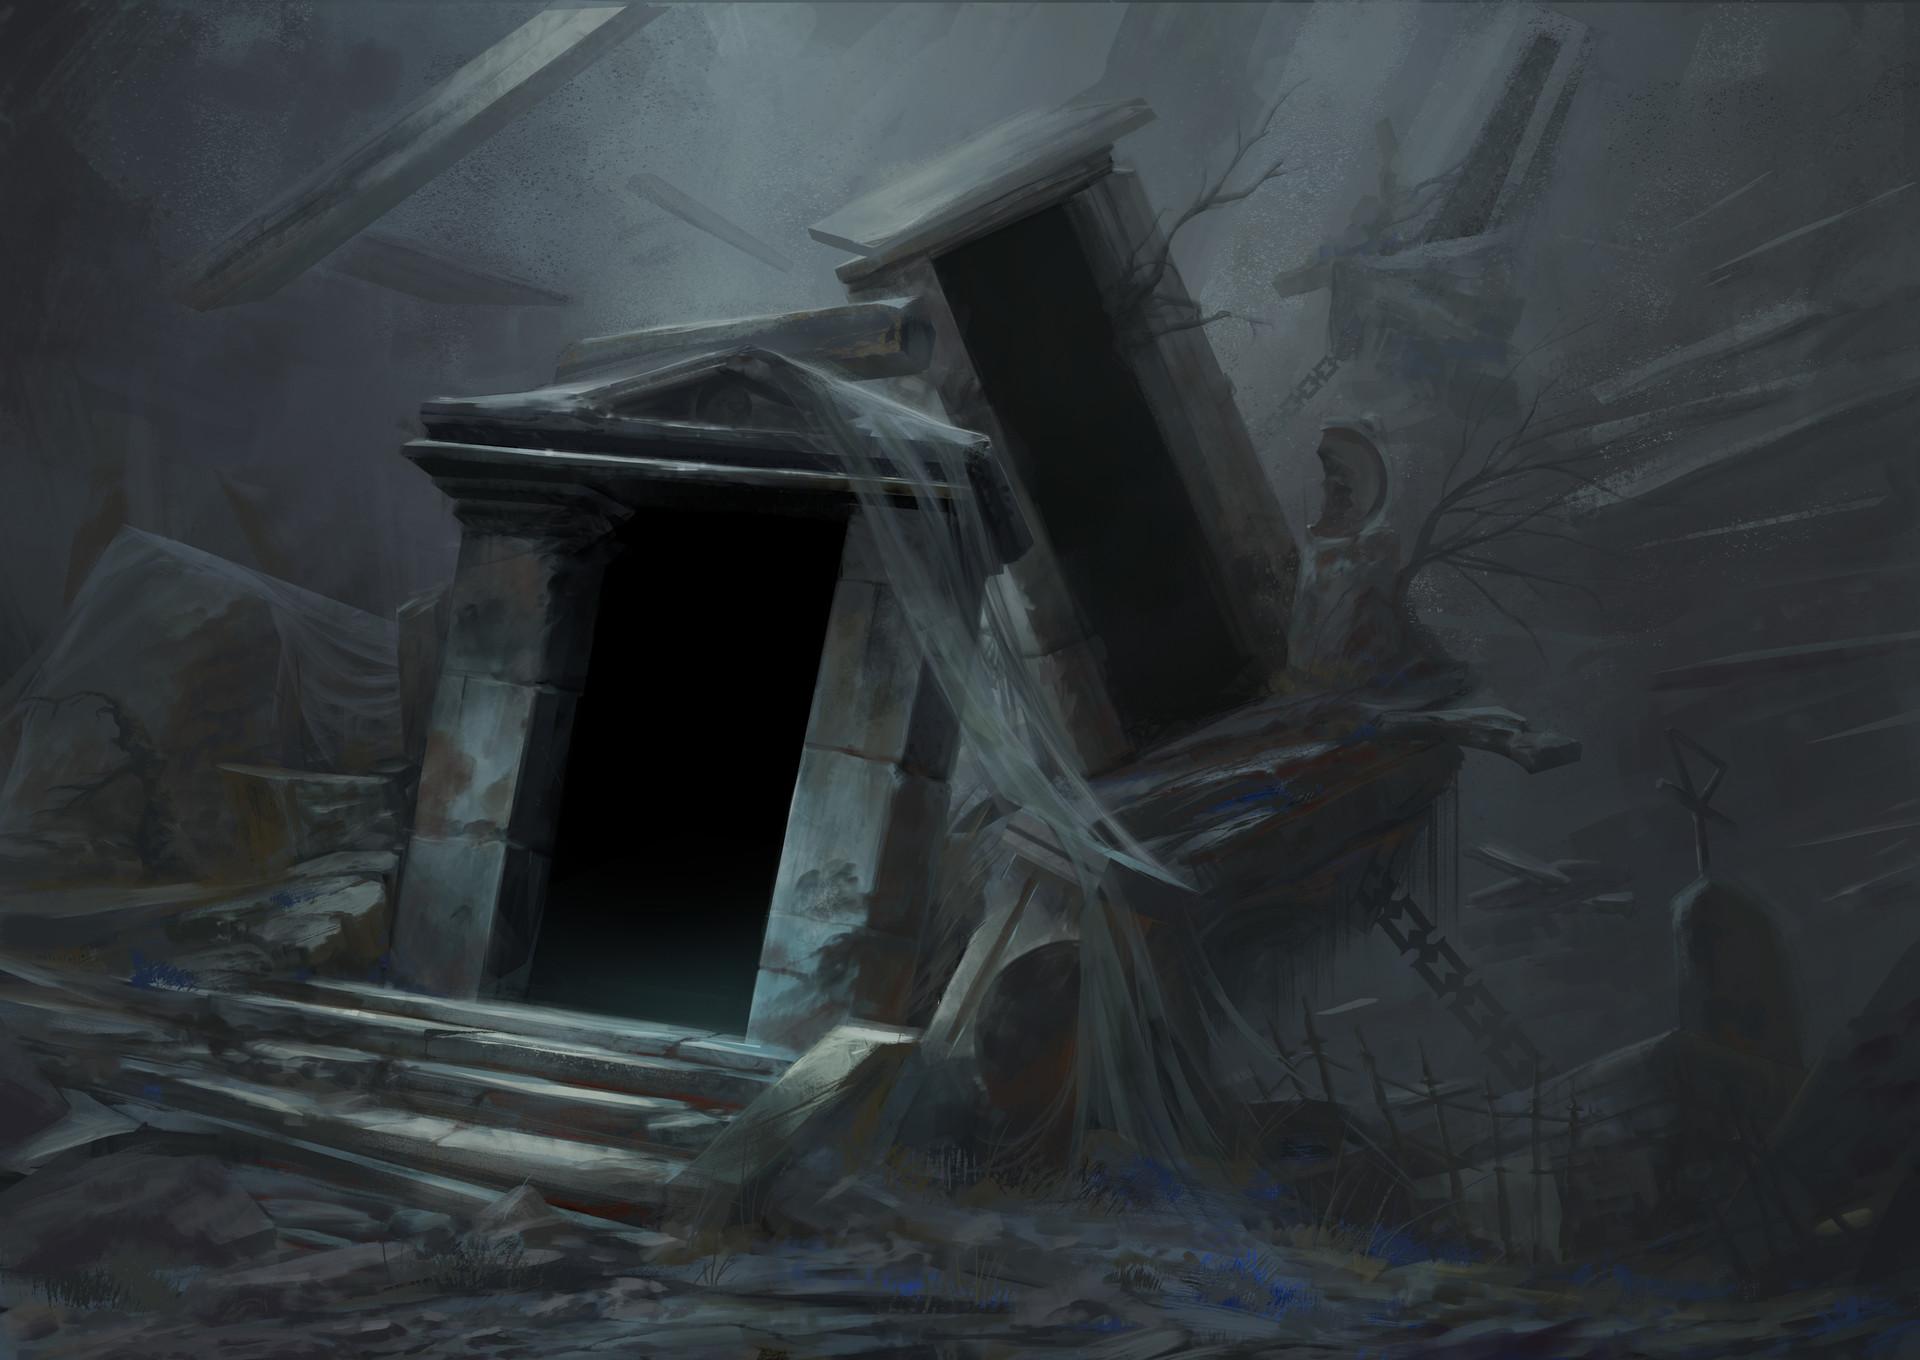 David alvarez portal 14